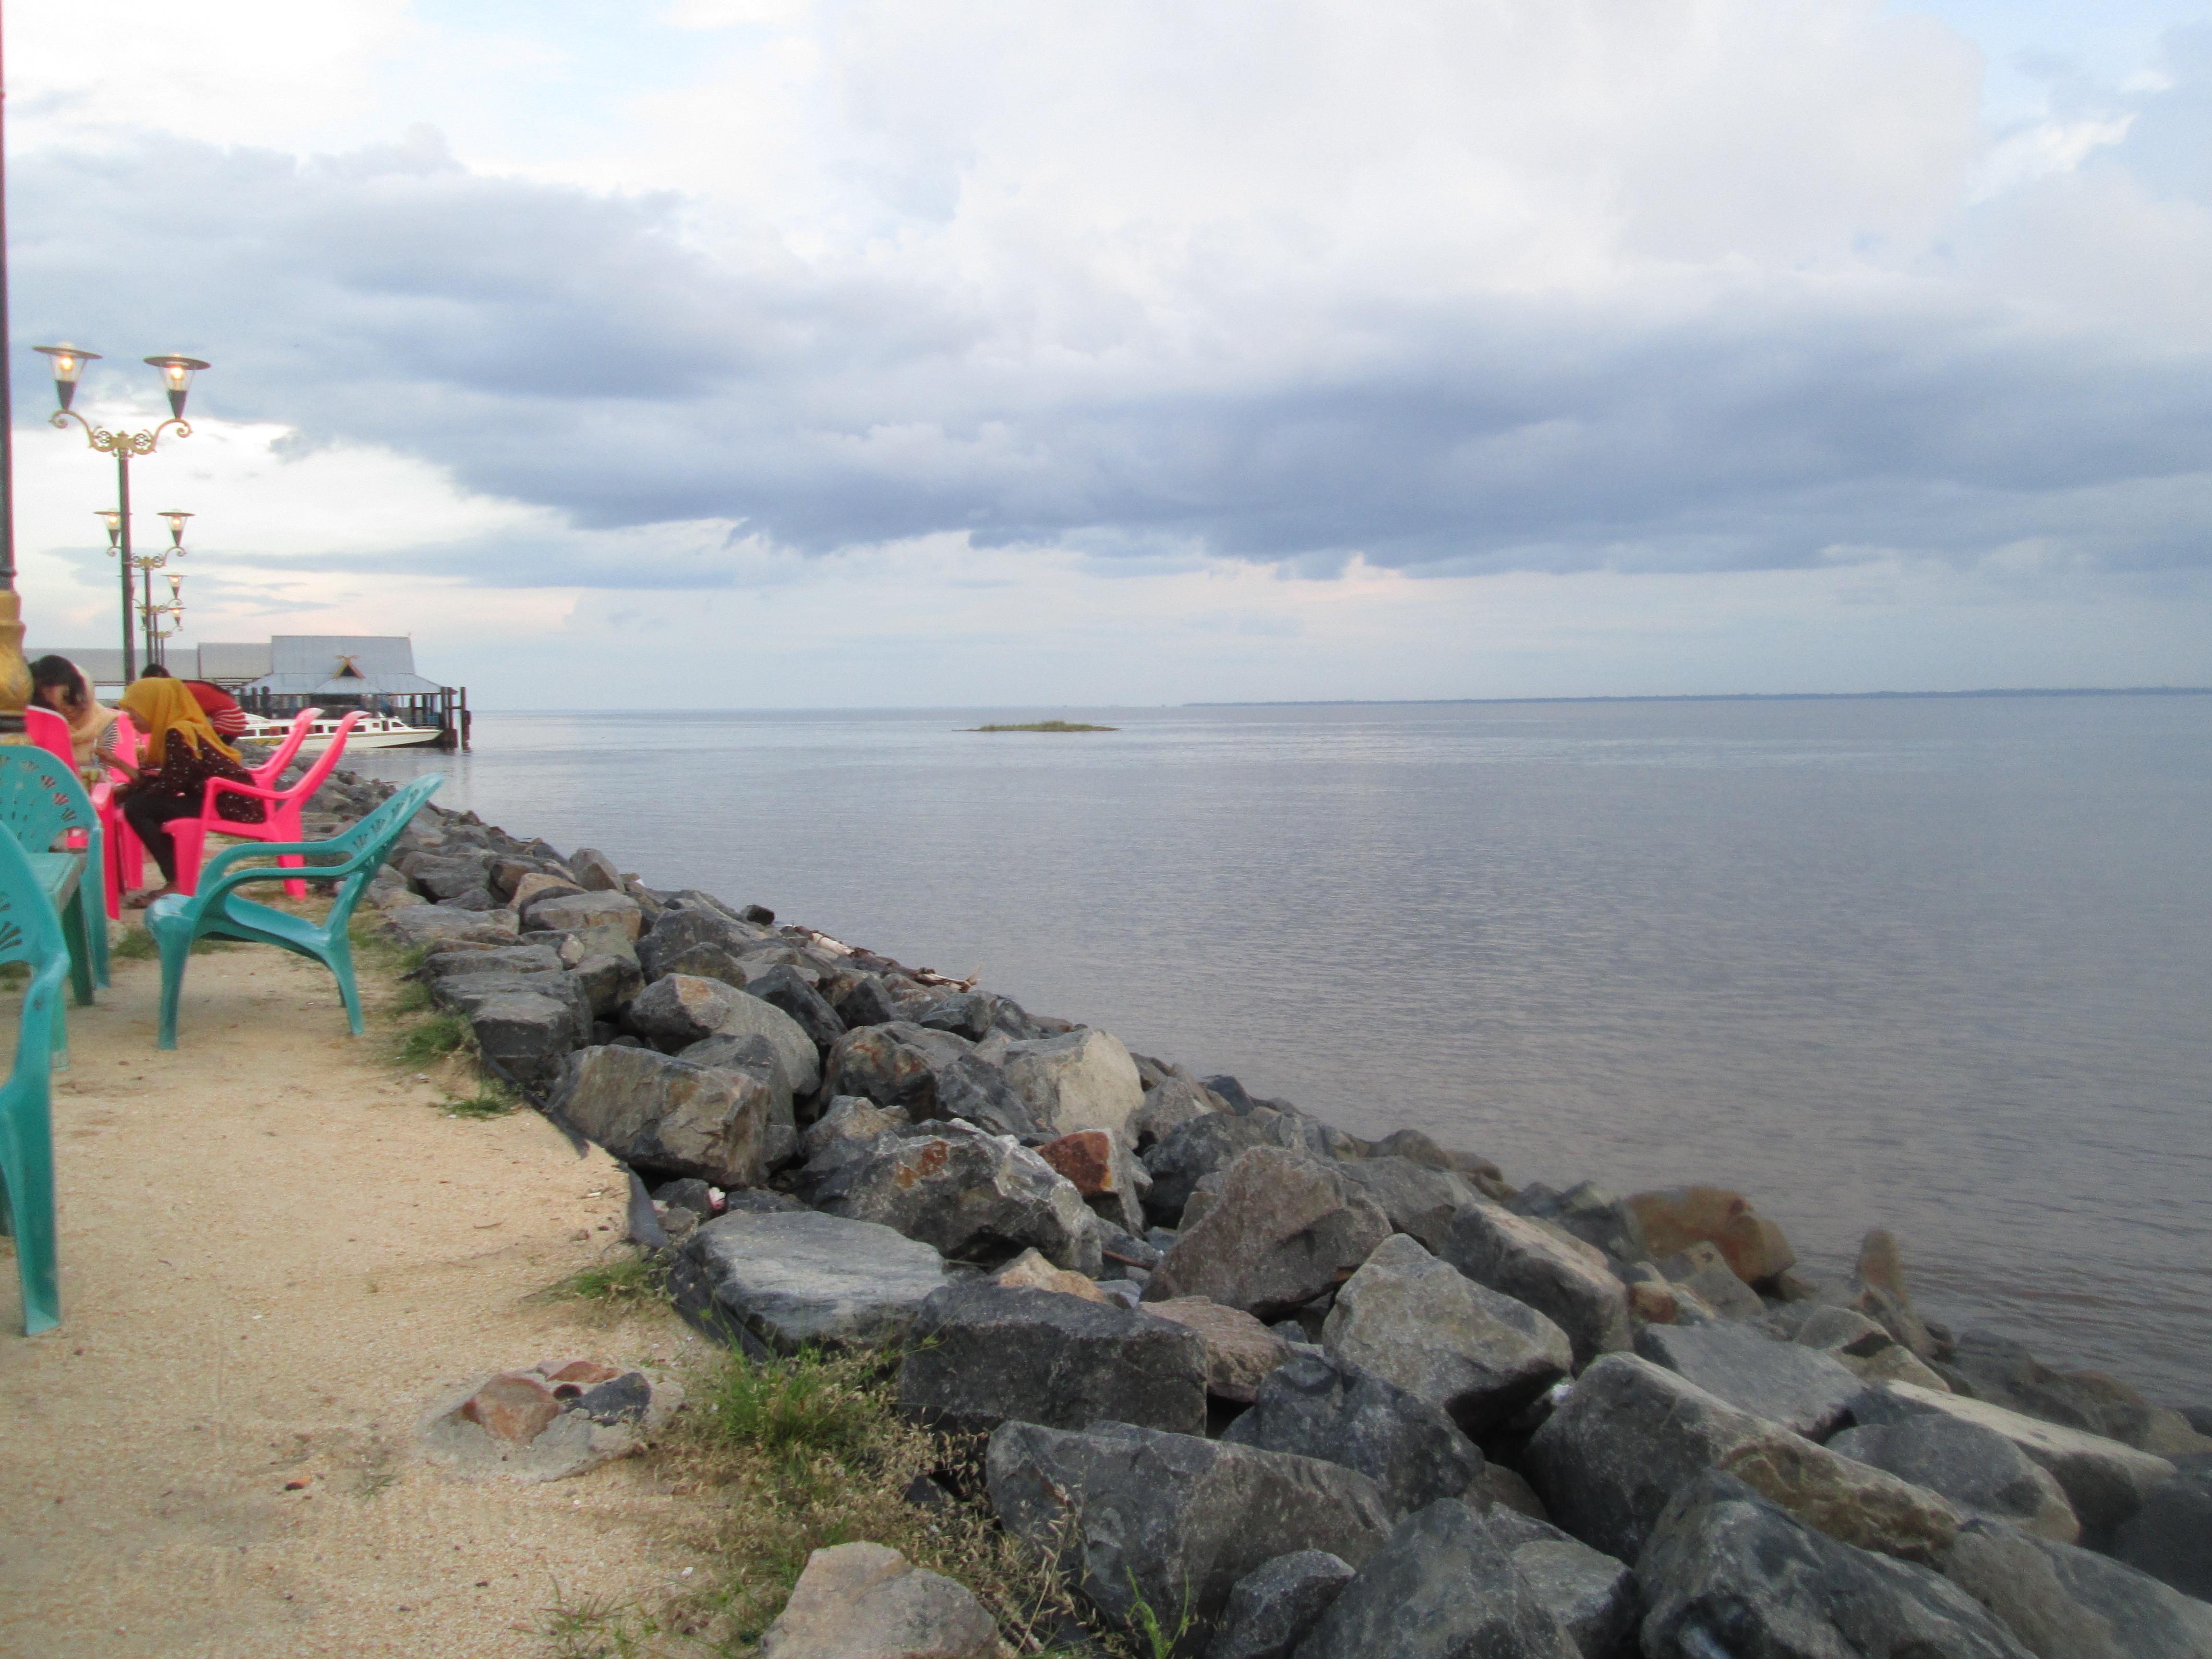 Ulasan Kabupaten Bengkalis Travelover Travelogue Pantai Img 0733 Marina Kab